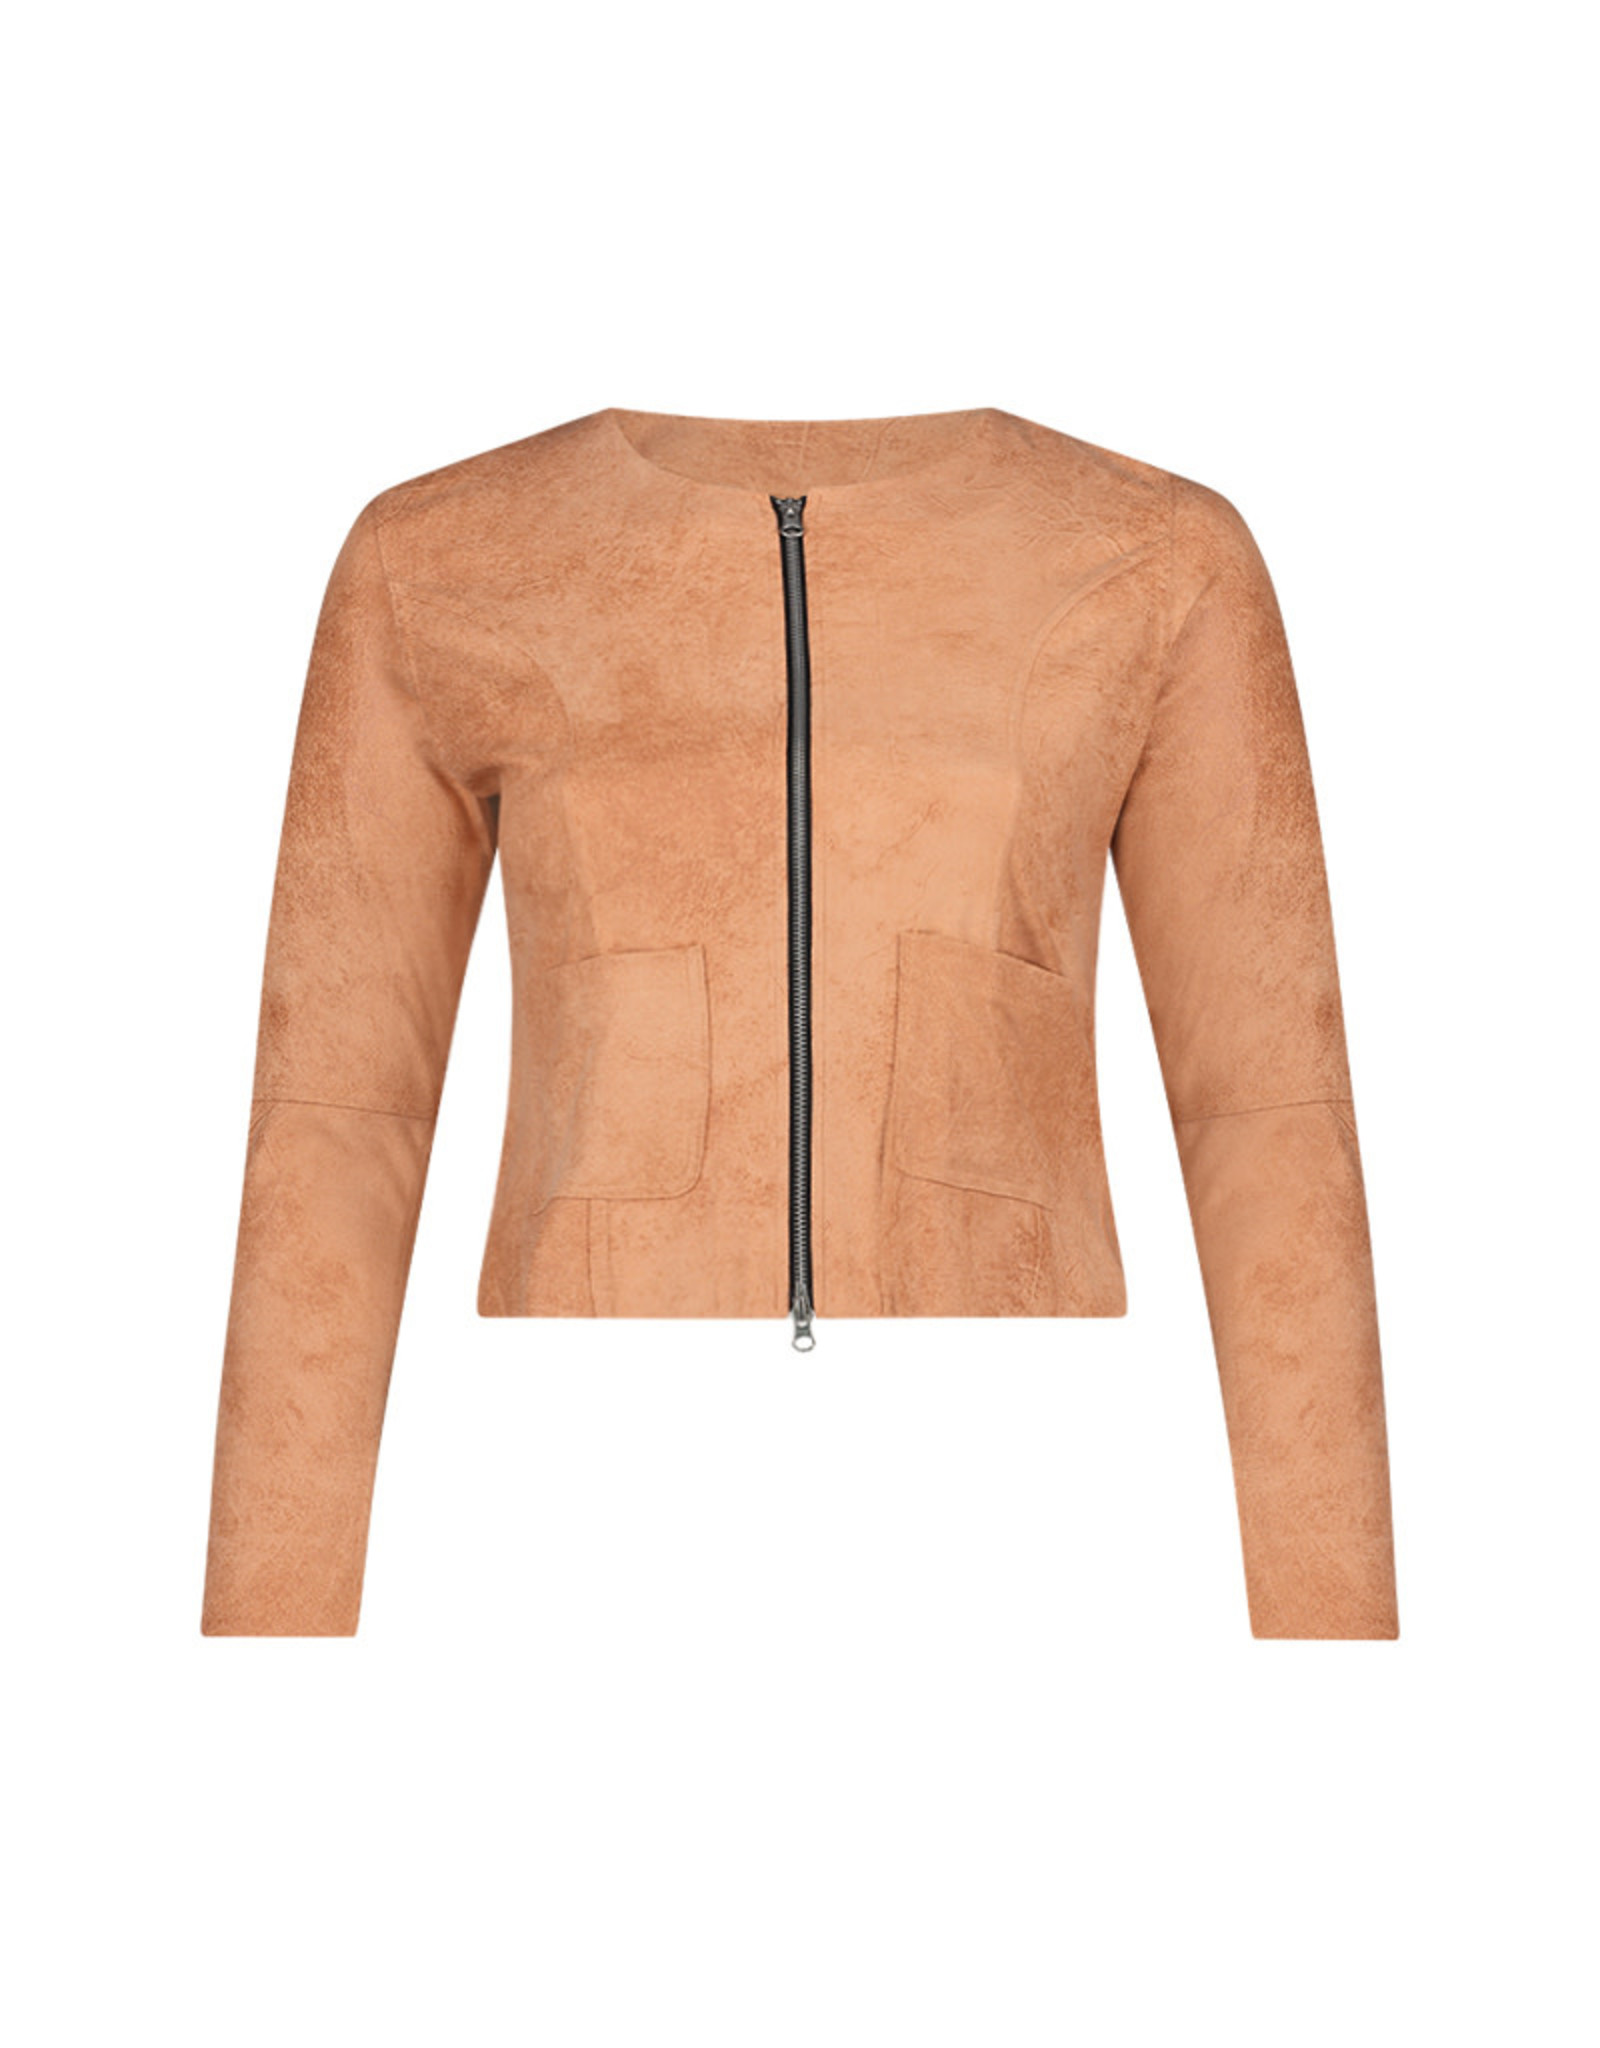 Ophilia Lara 21S  vintage leather